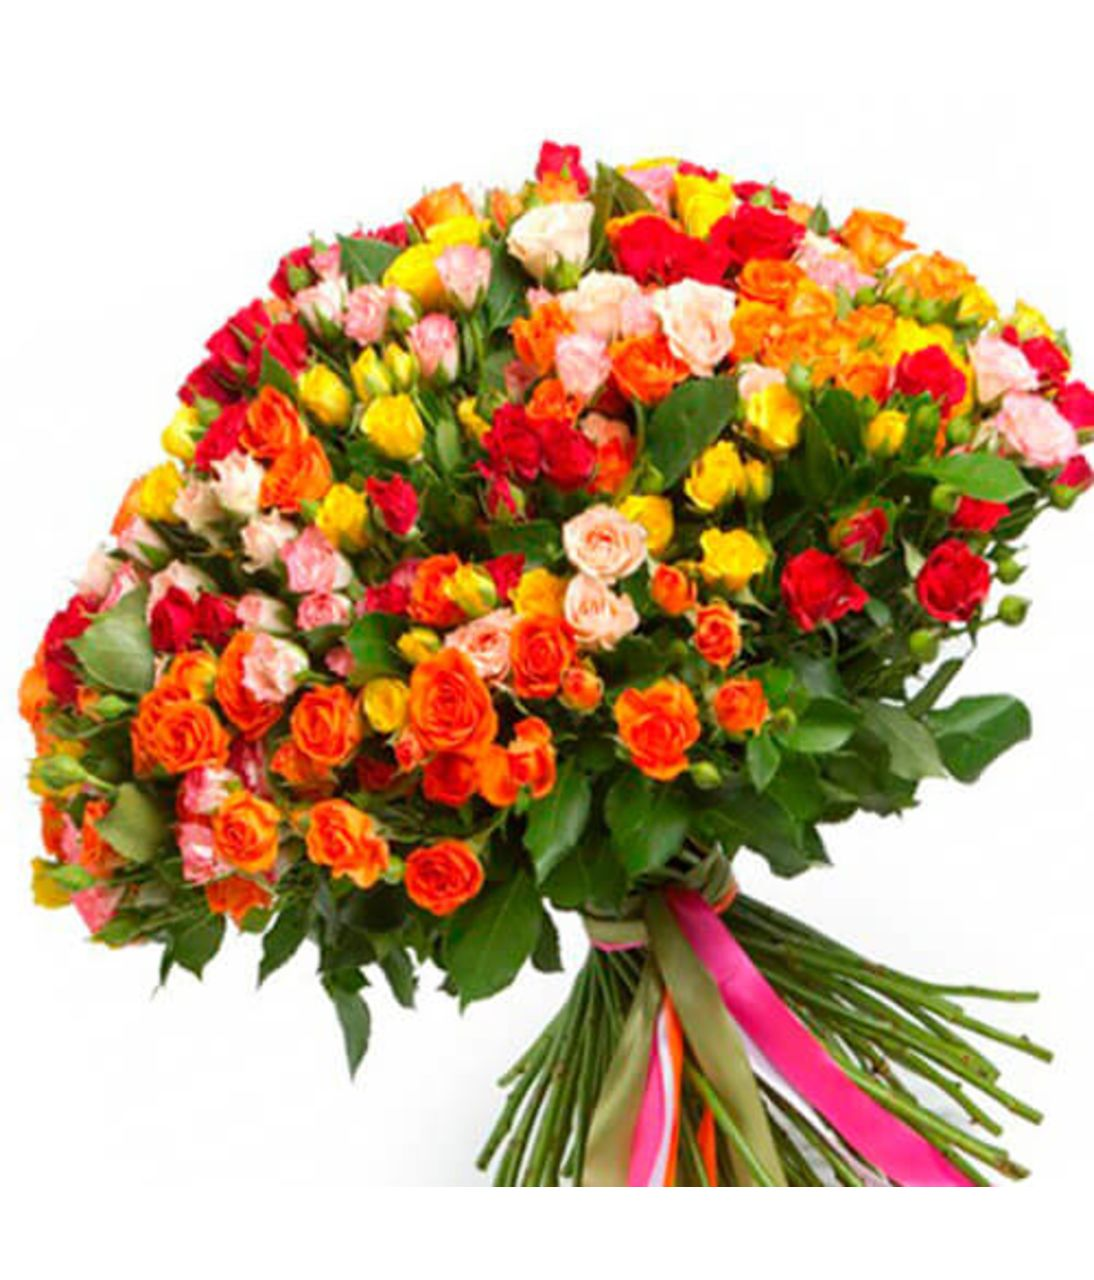 Букет из 101 кустовой розы. Superflowers.com.ua. Купить букет 101 розы в Киеве